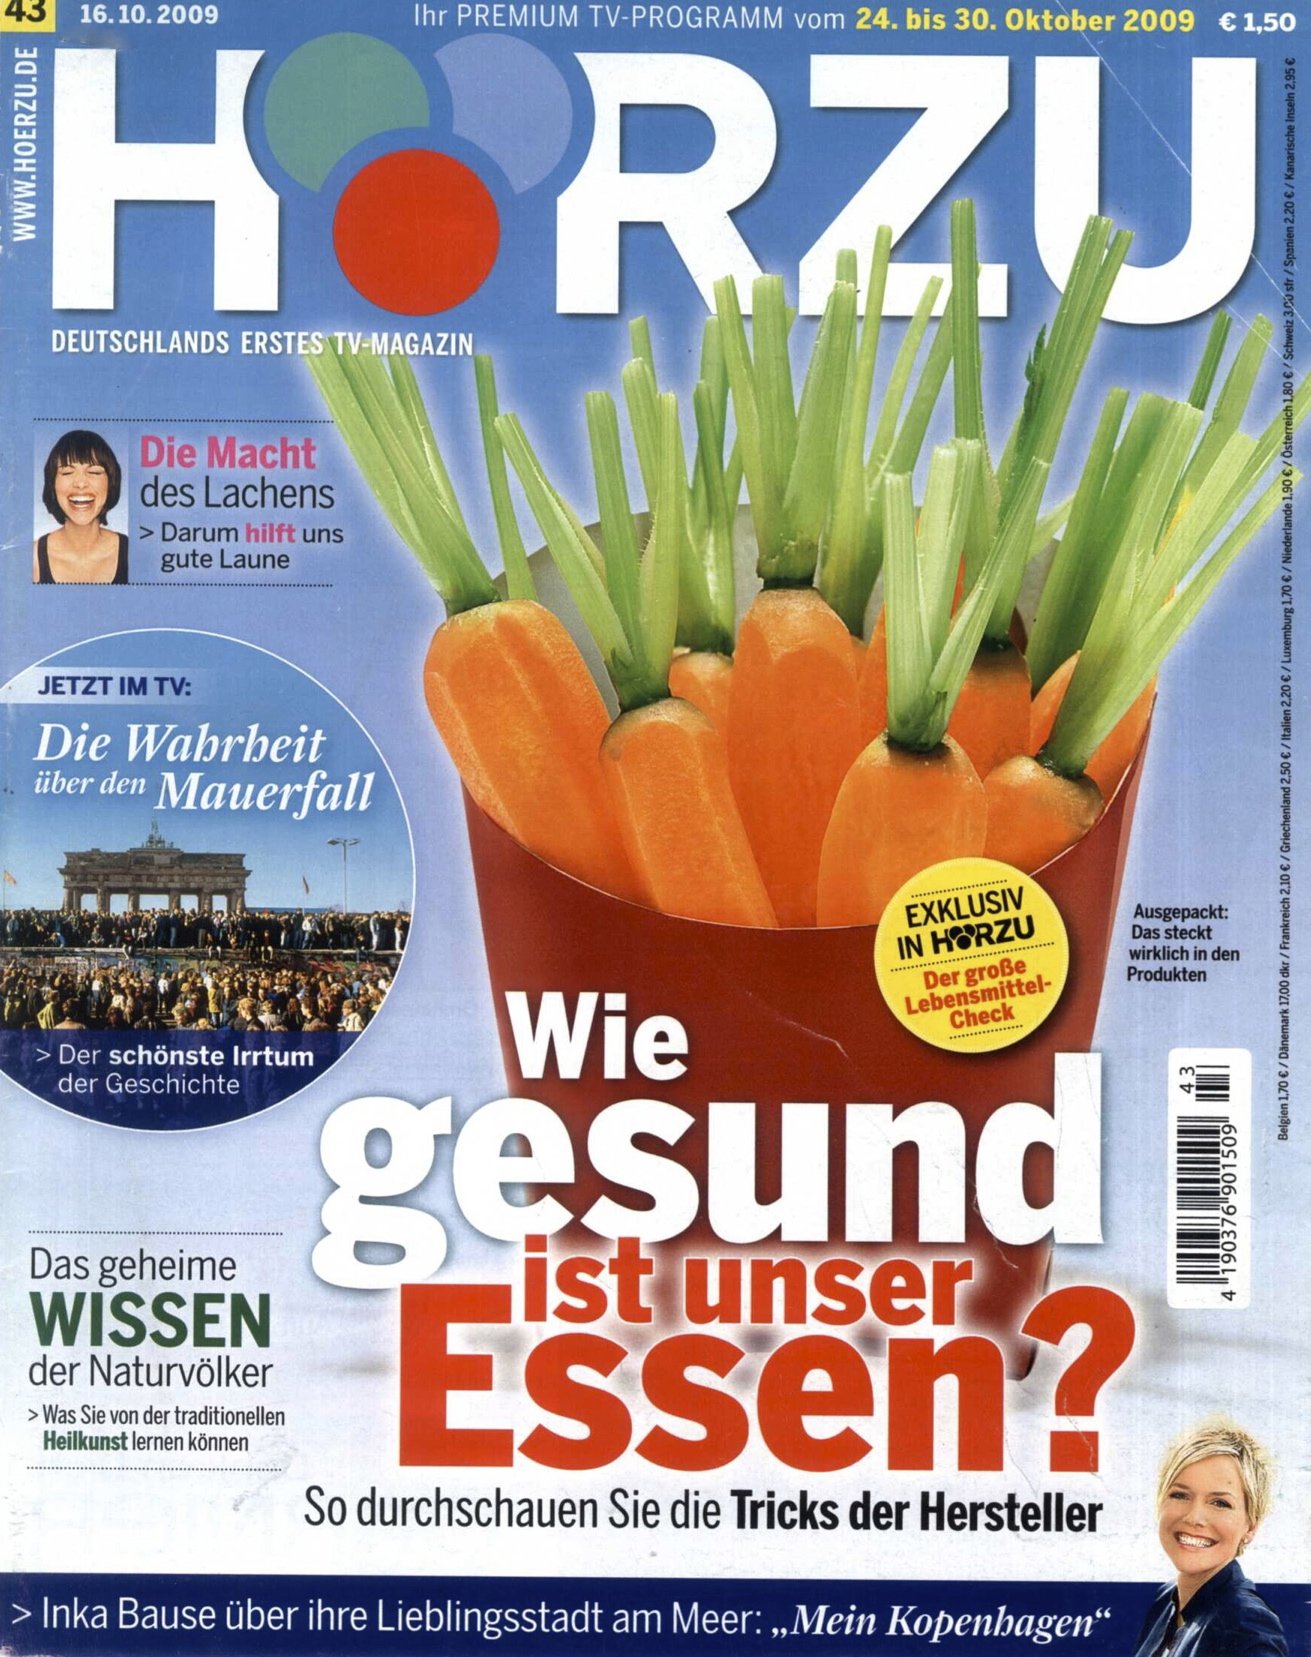 HZ_16.10.2009_Cover.jpg